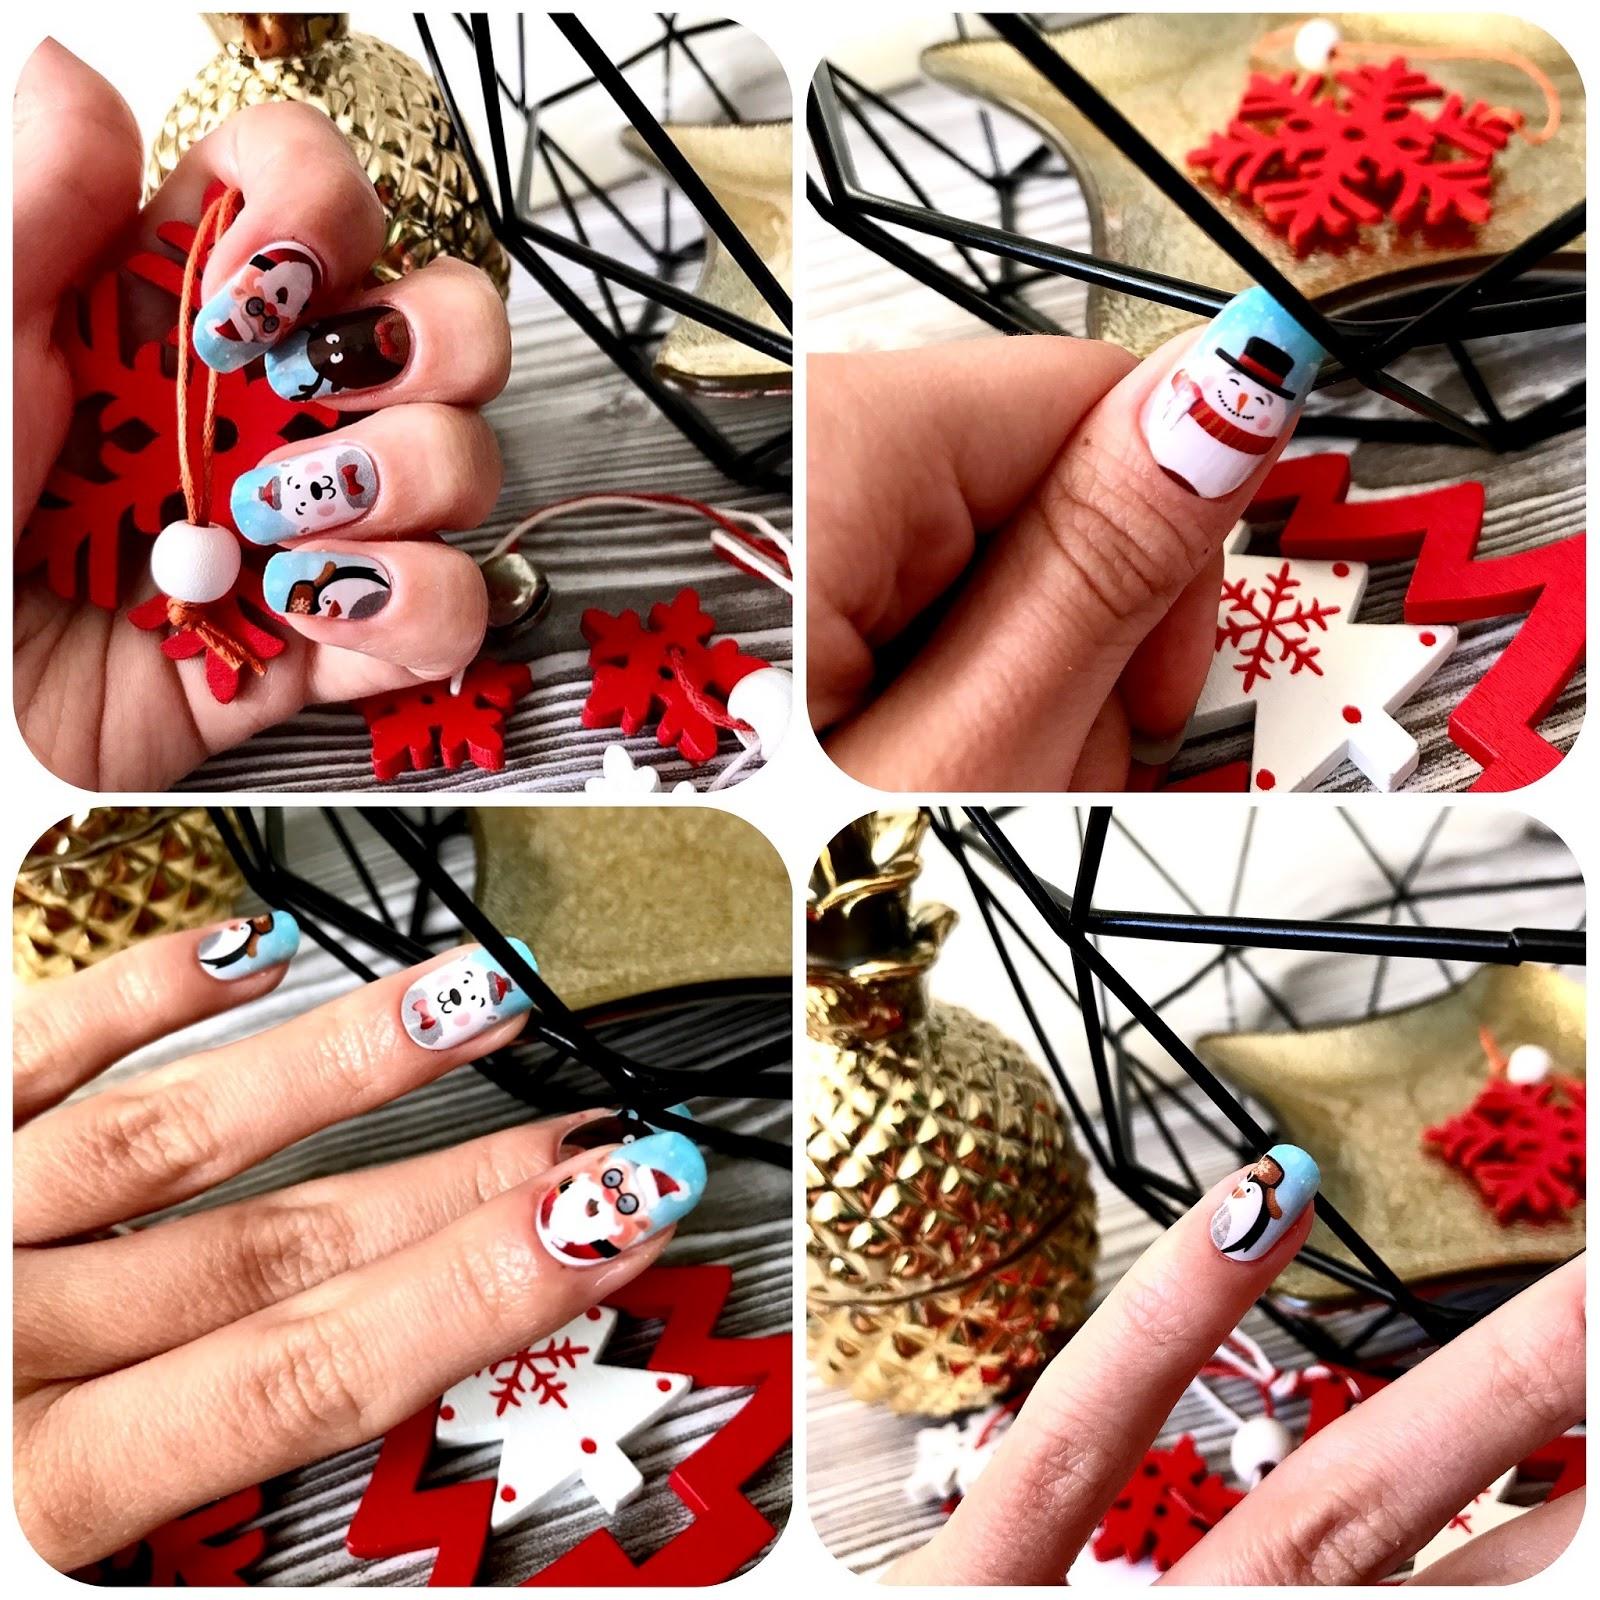 zdjęcie przedstawiające wzór Manirouge Santa Claus na paznokciach